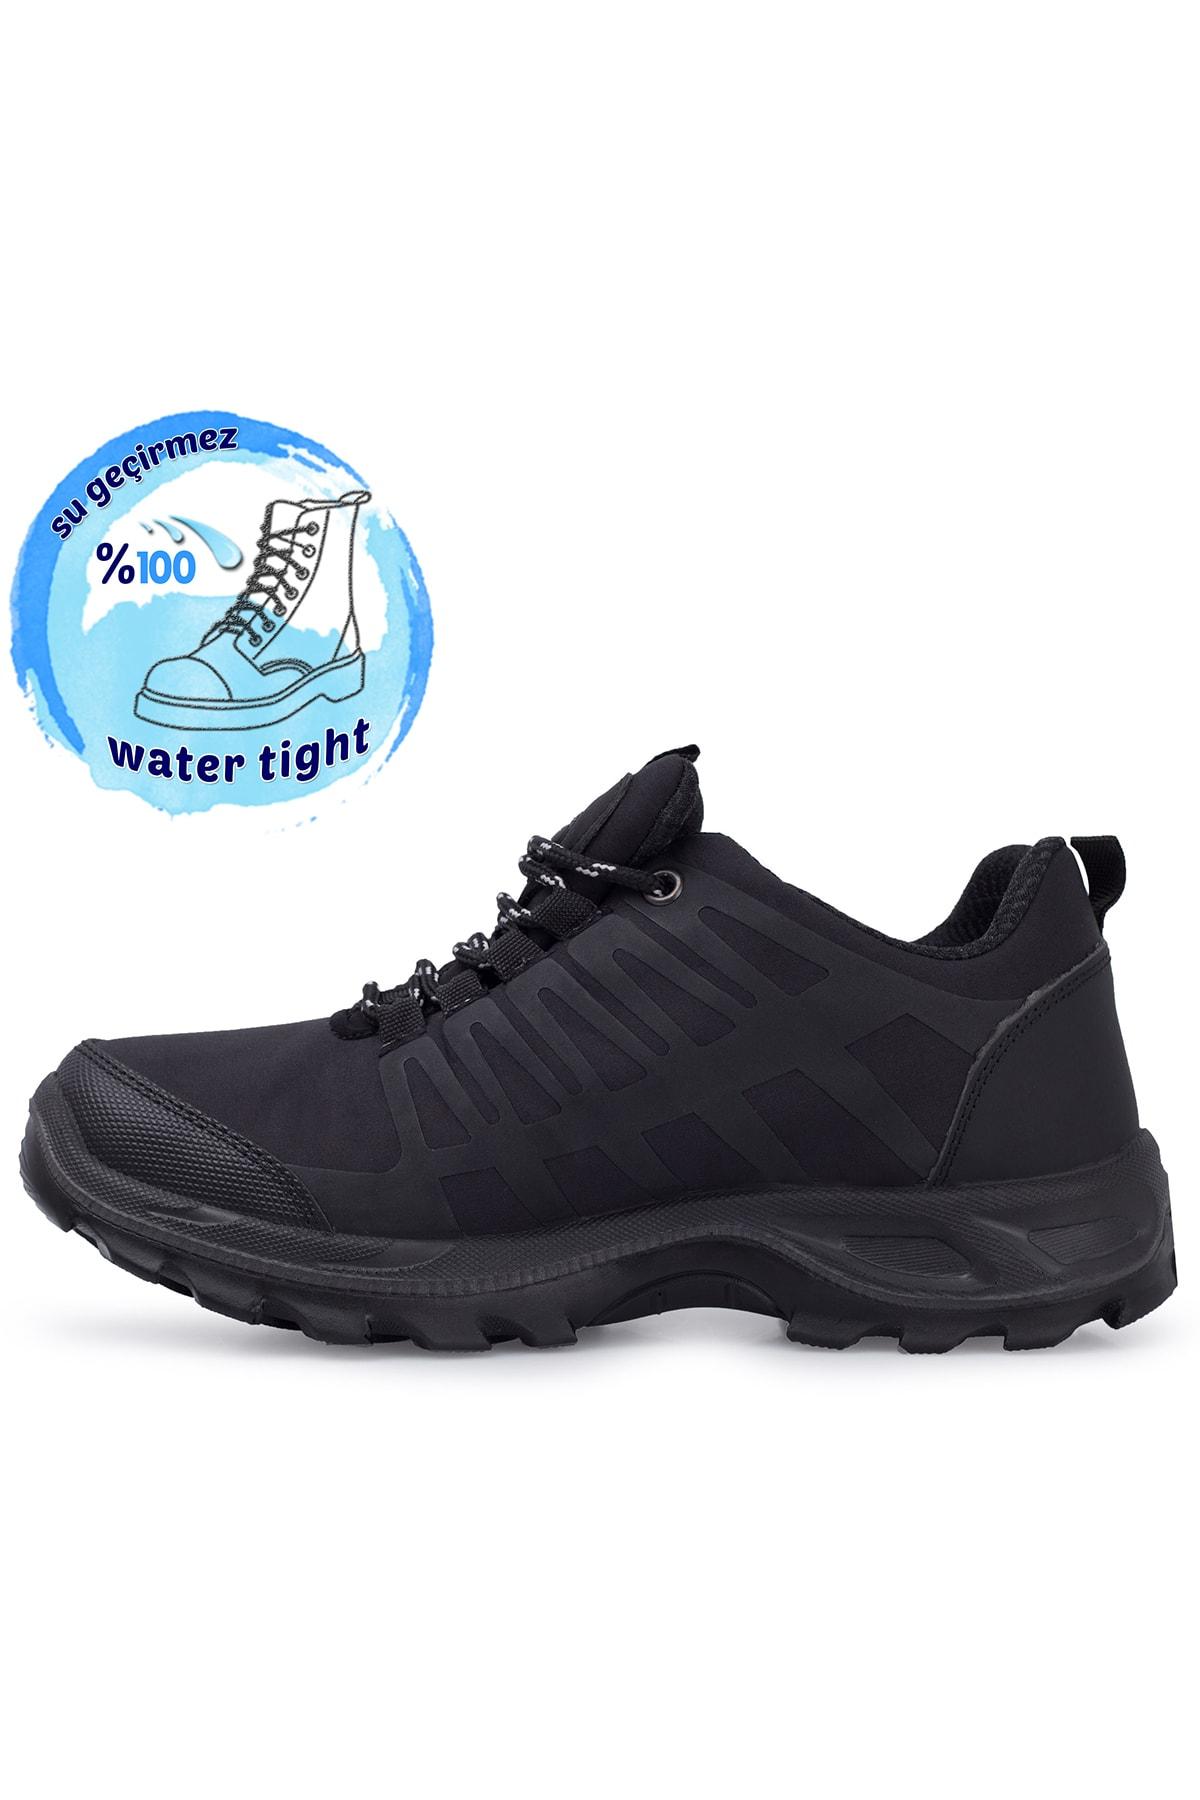 Scooter Kadın Siyah Su Geçirmez Kışlık Ayakkabı 516g5232t 2